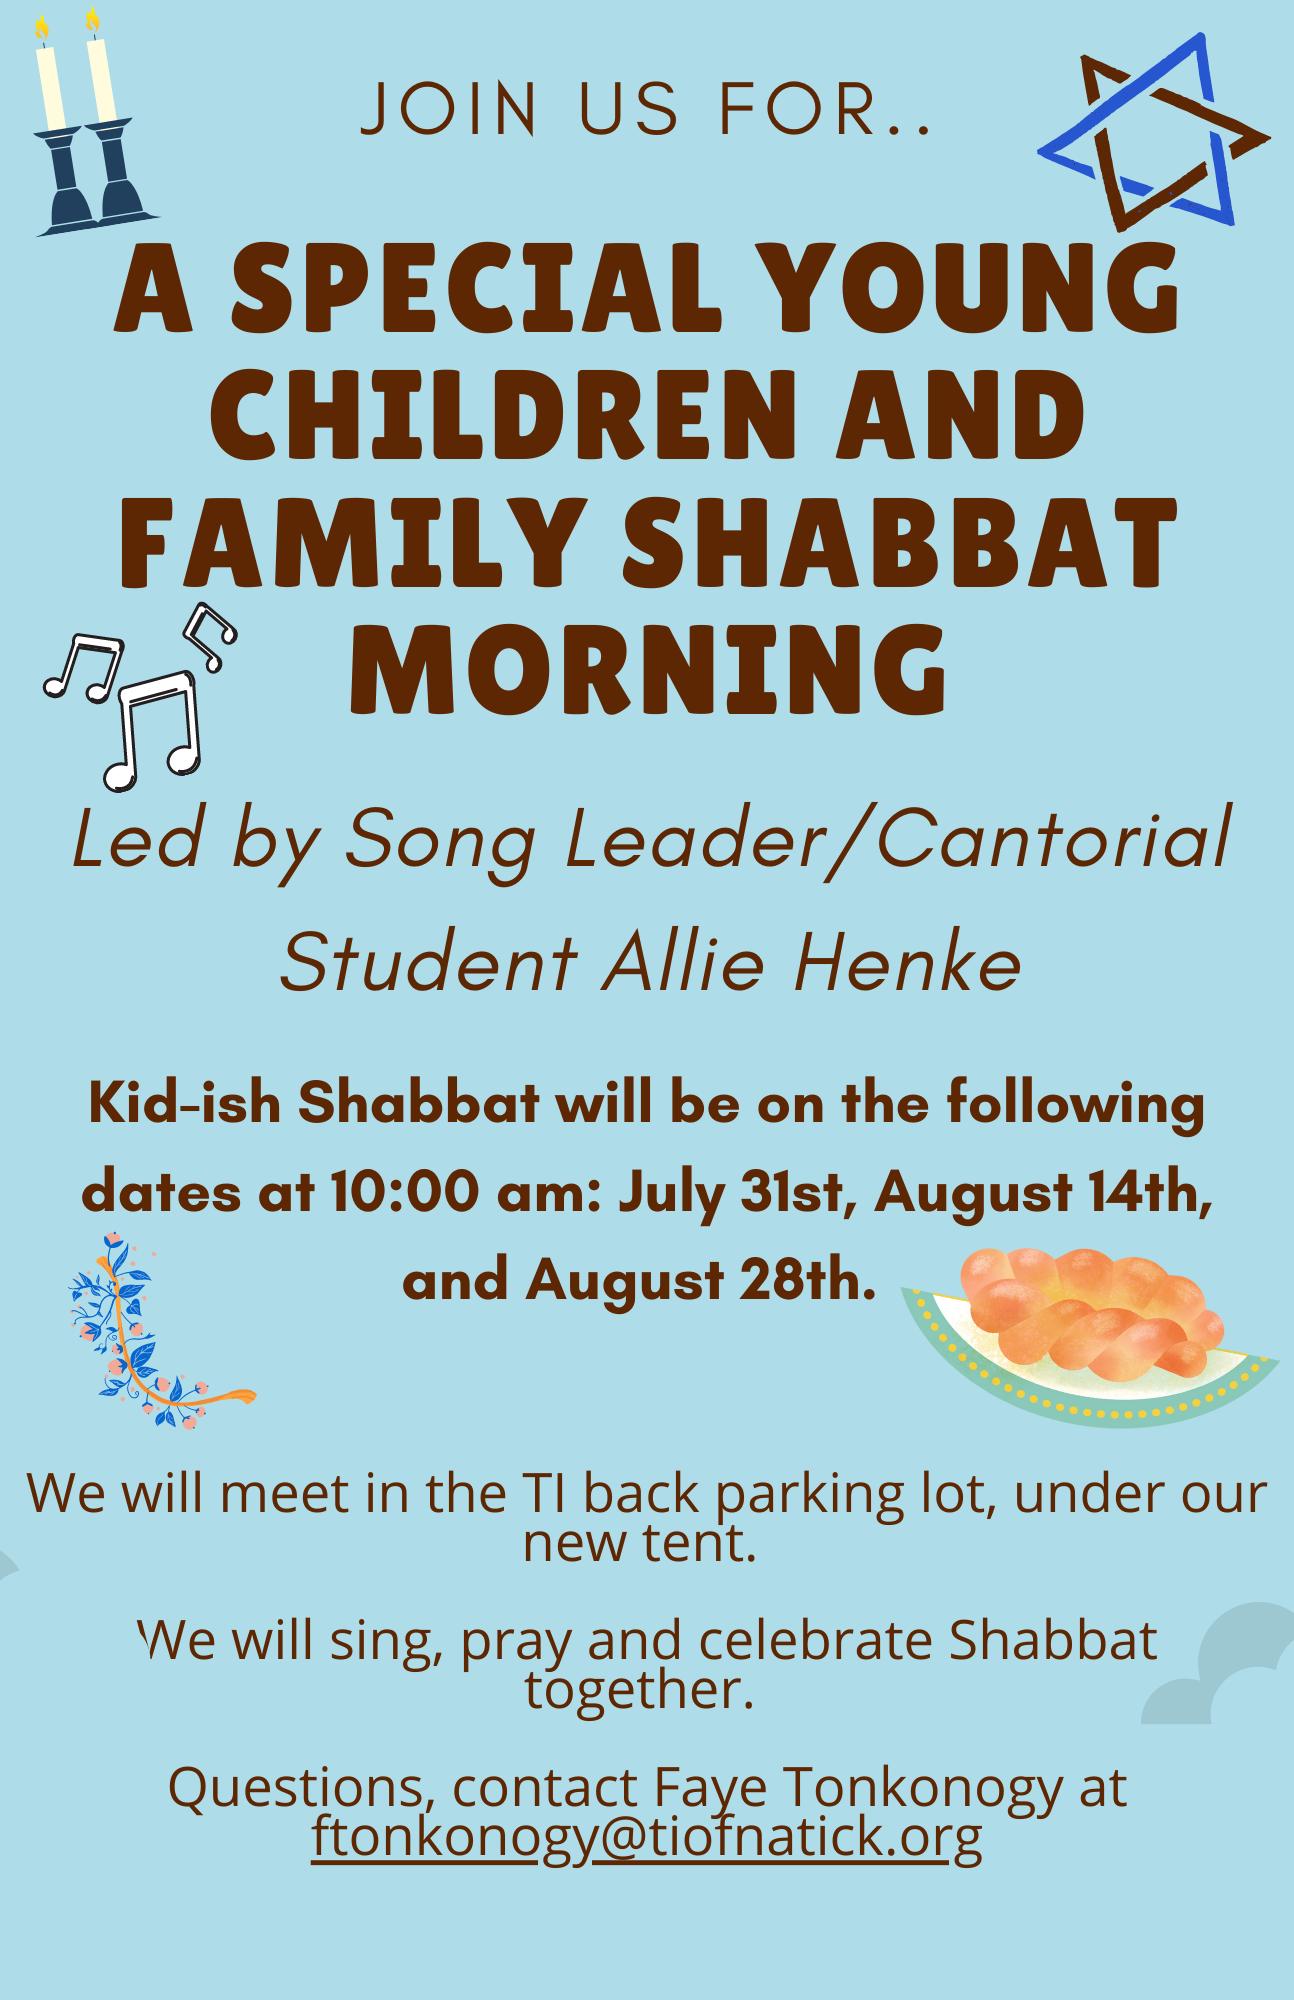 Flyer for children family shabbat morning at temple israel